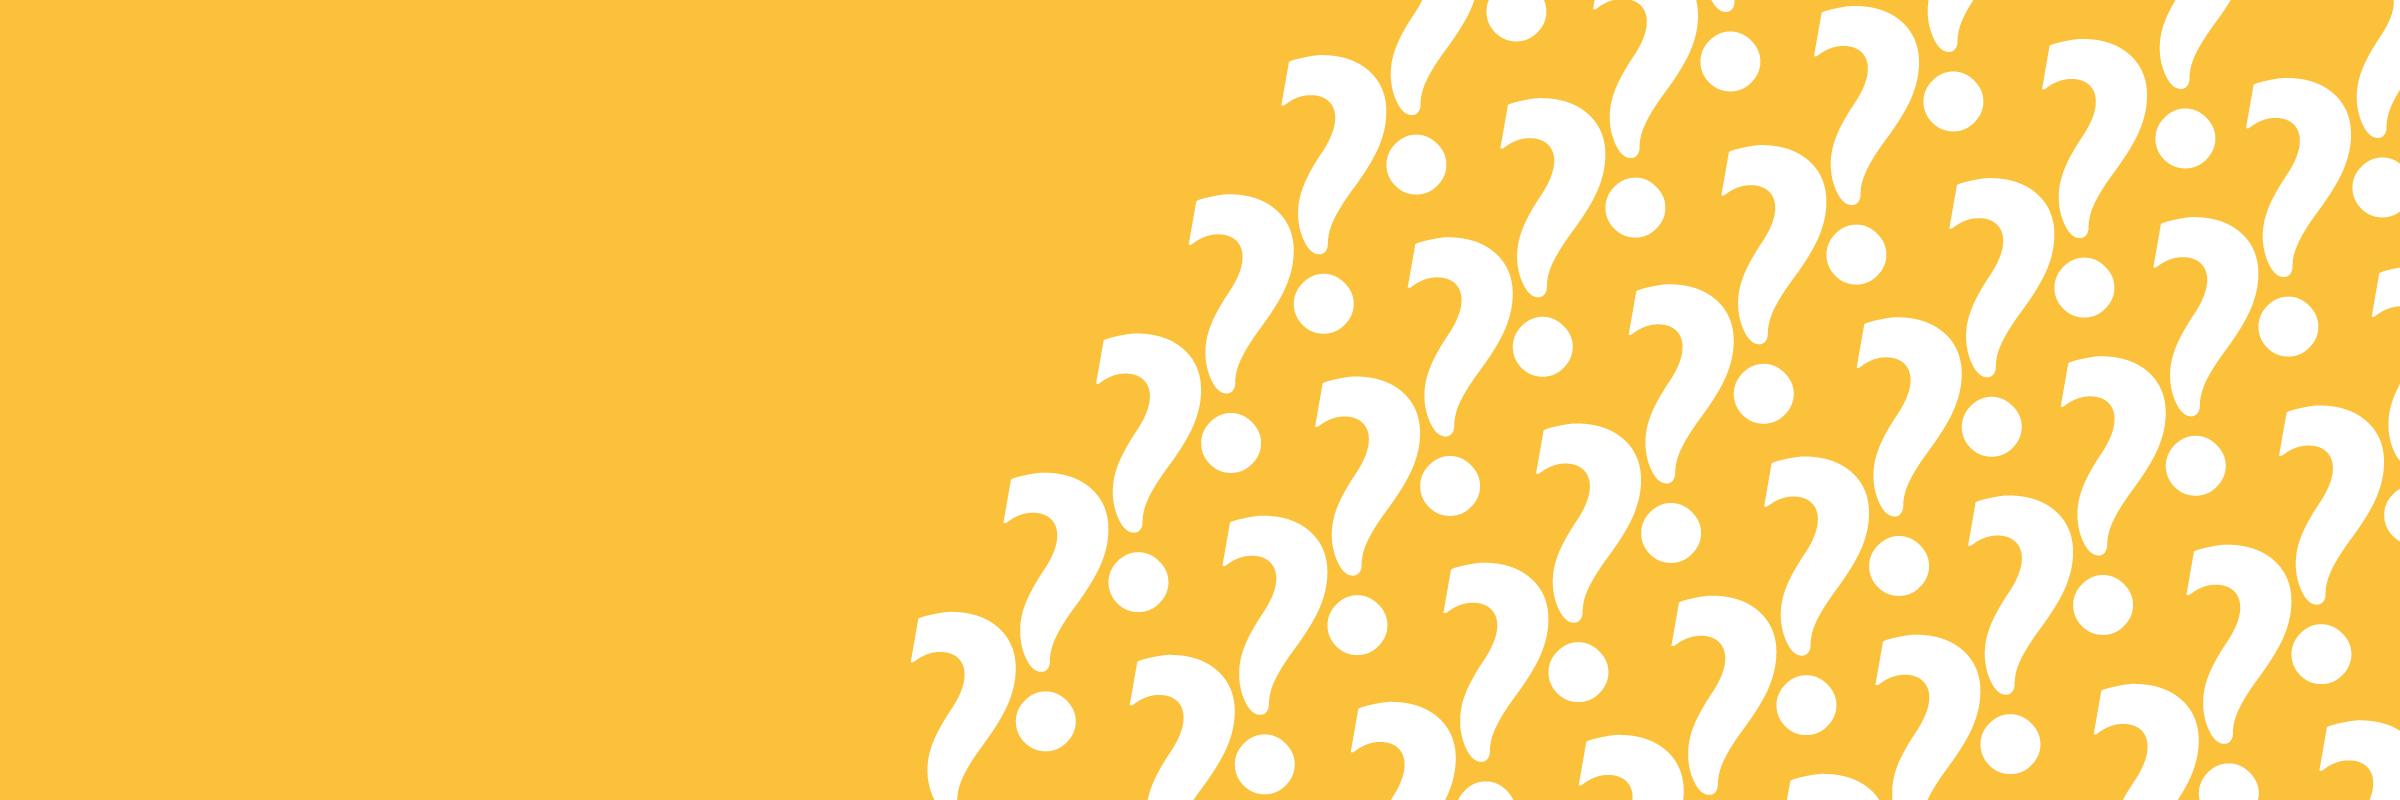 Häufig gestellte Fragen Fragezeichen Beratungsnetzwerk Grenzgänger